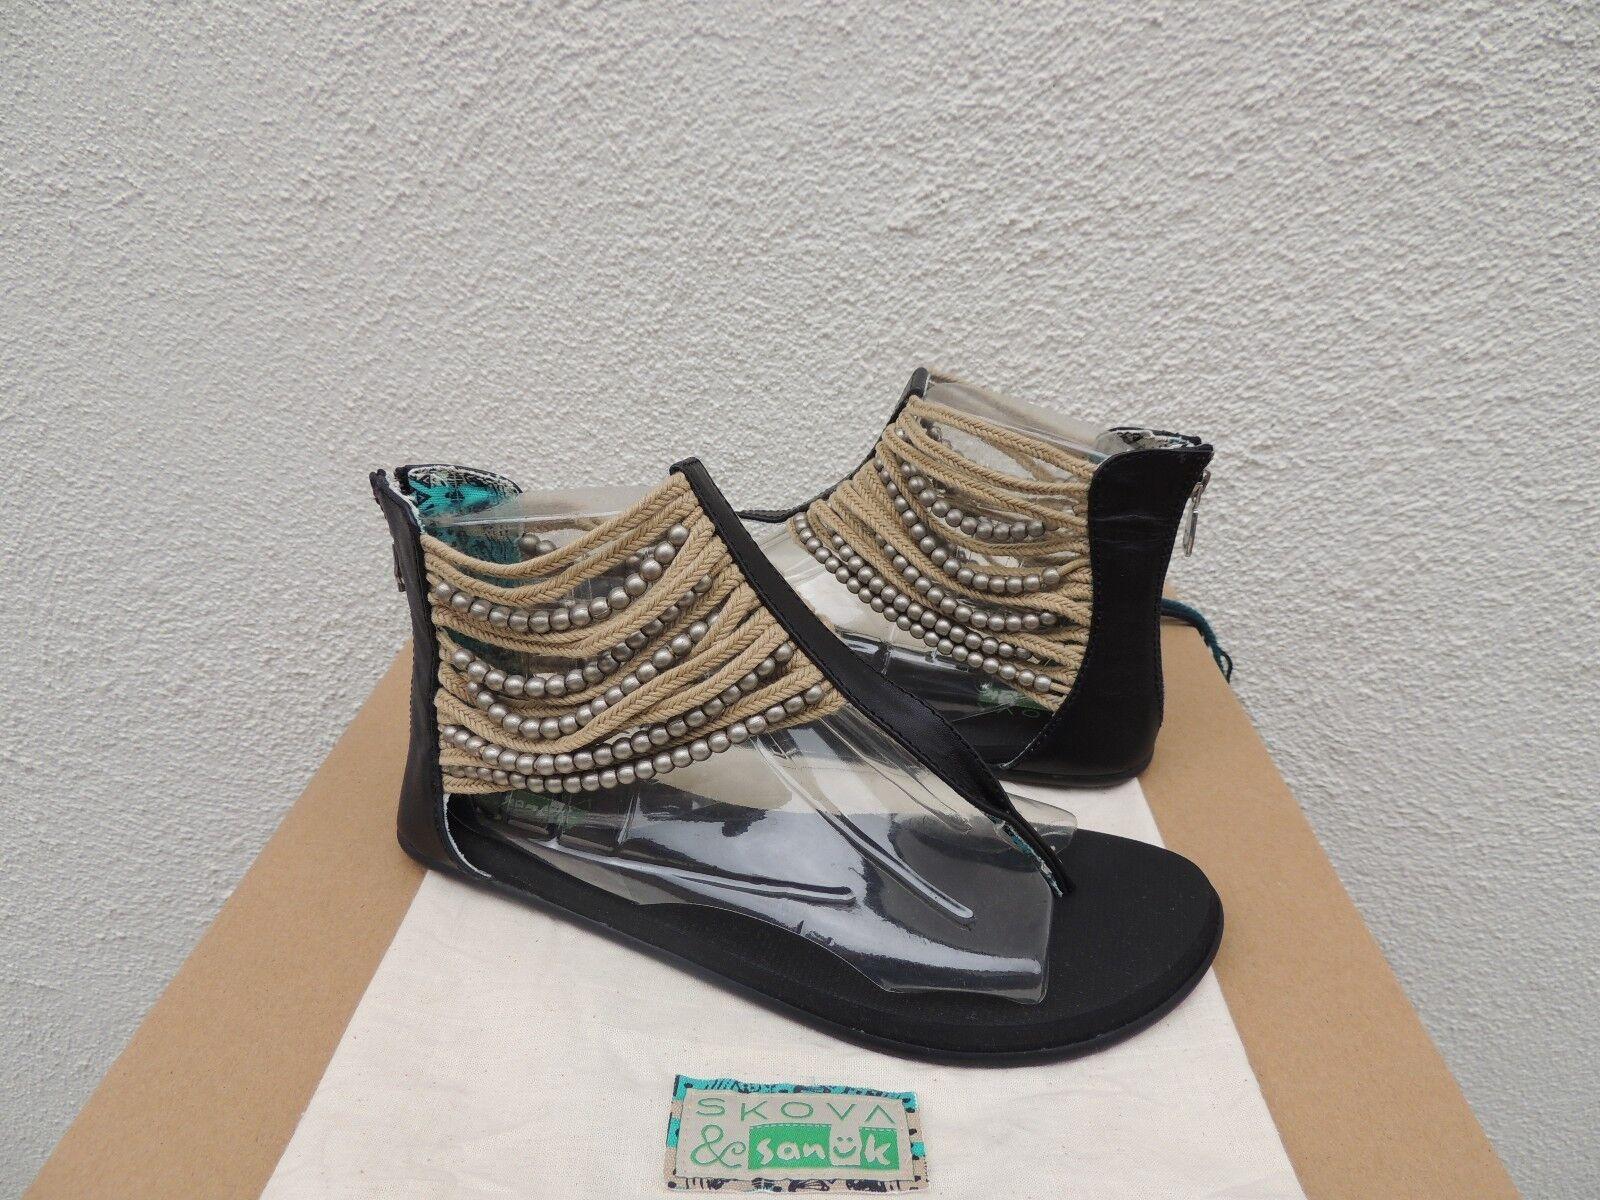 Sanuk & skova skova skova Negro Con Cuentas Sandalias Gladiador marroquí, tamaño nos 7 38 euros  Nuevo con etiquetas  Los mejores precios y los estilos más frescos.